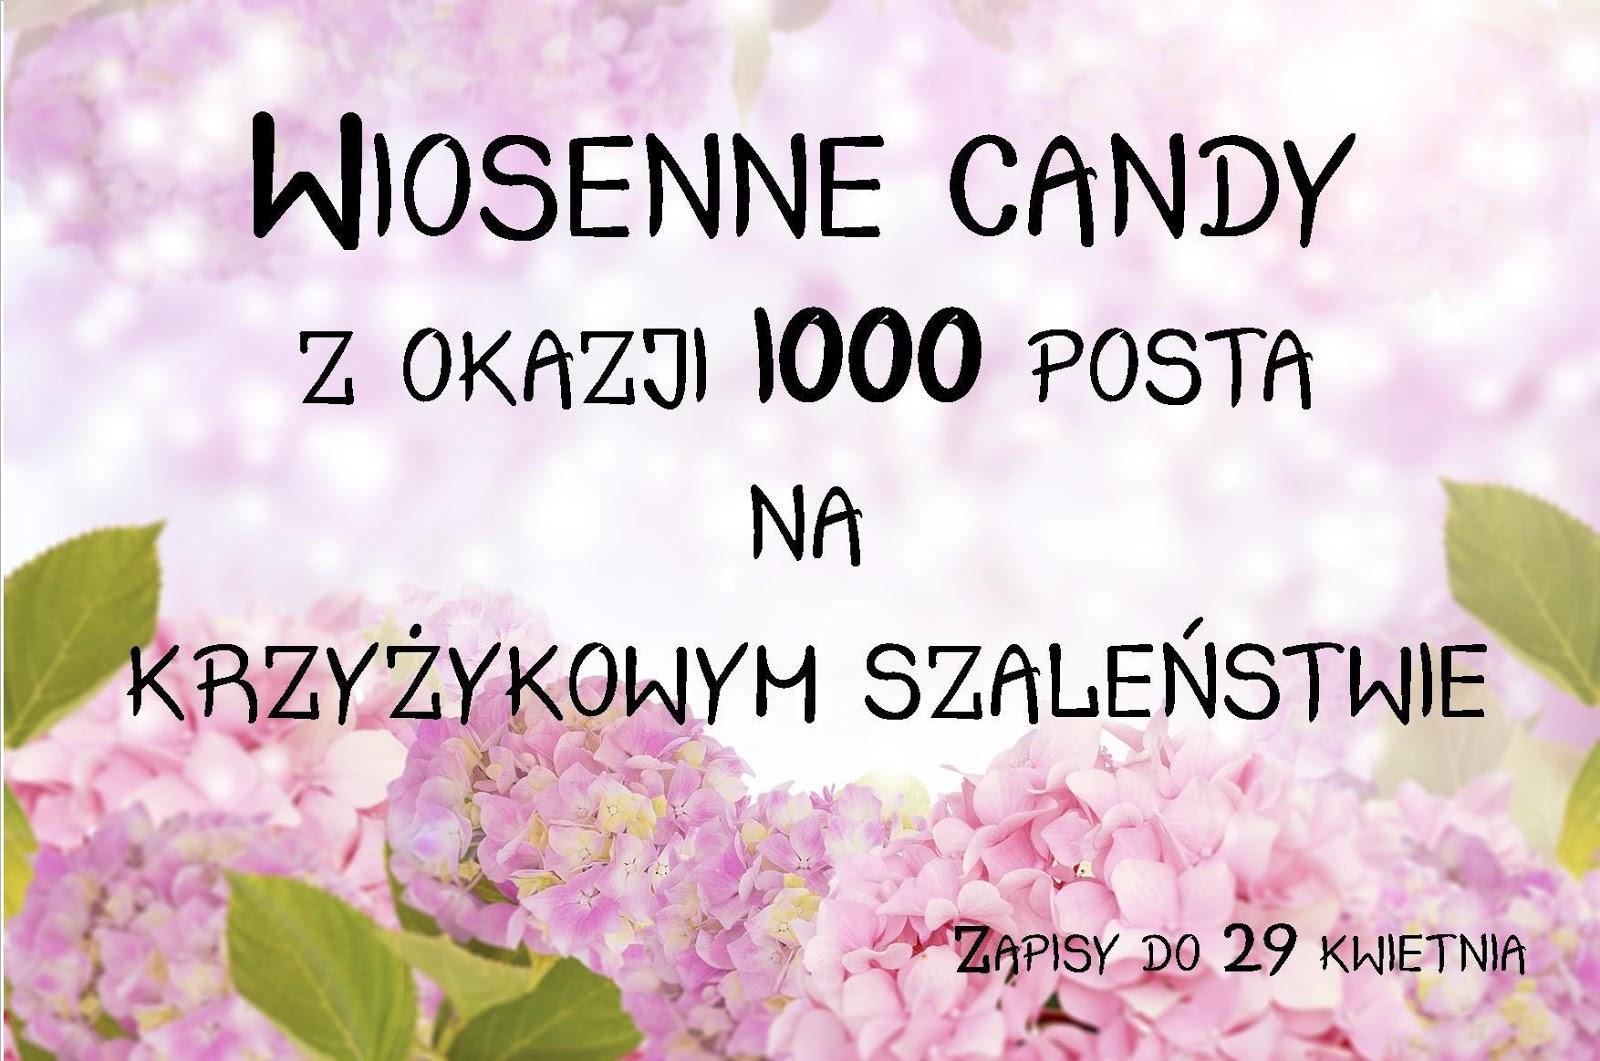 Wiosenne Candy na Krzyżykowym Szaleństwie :)